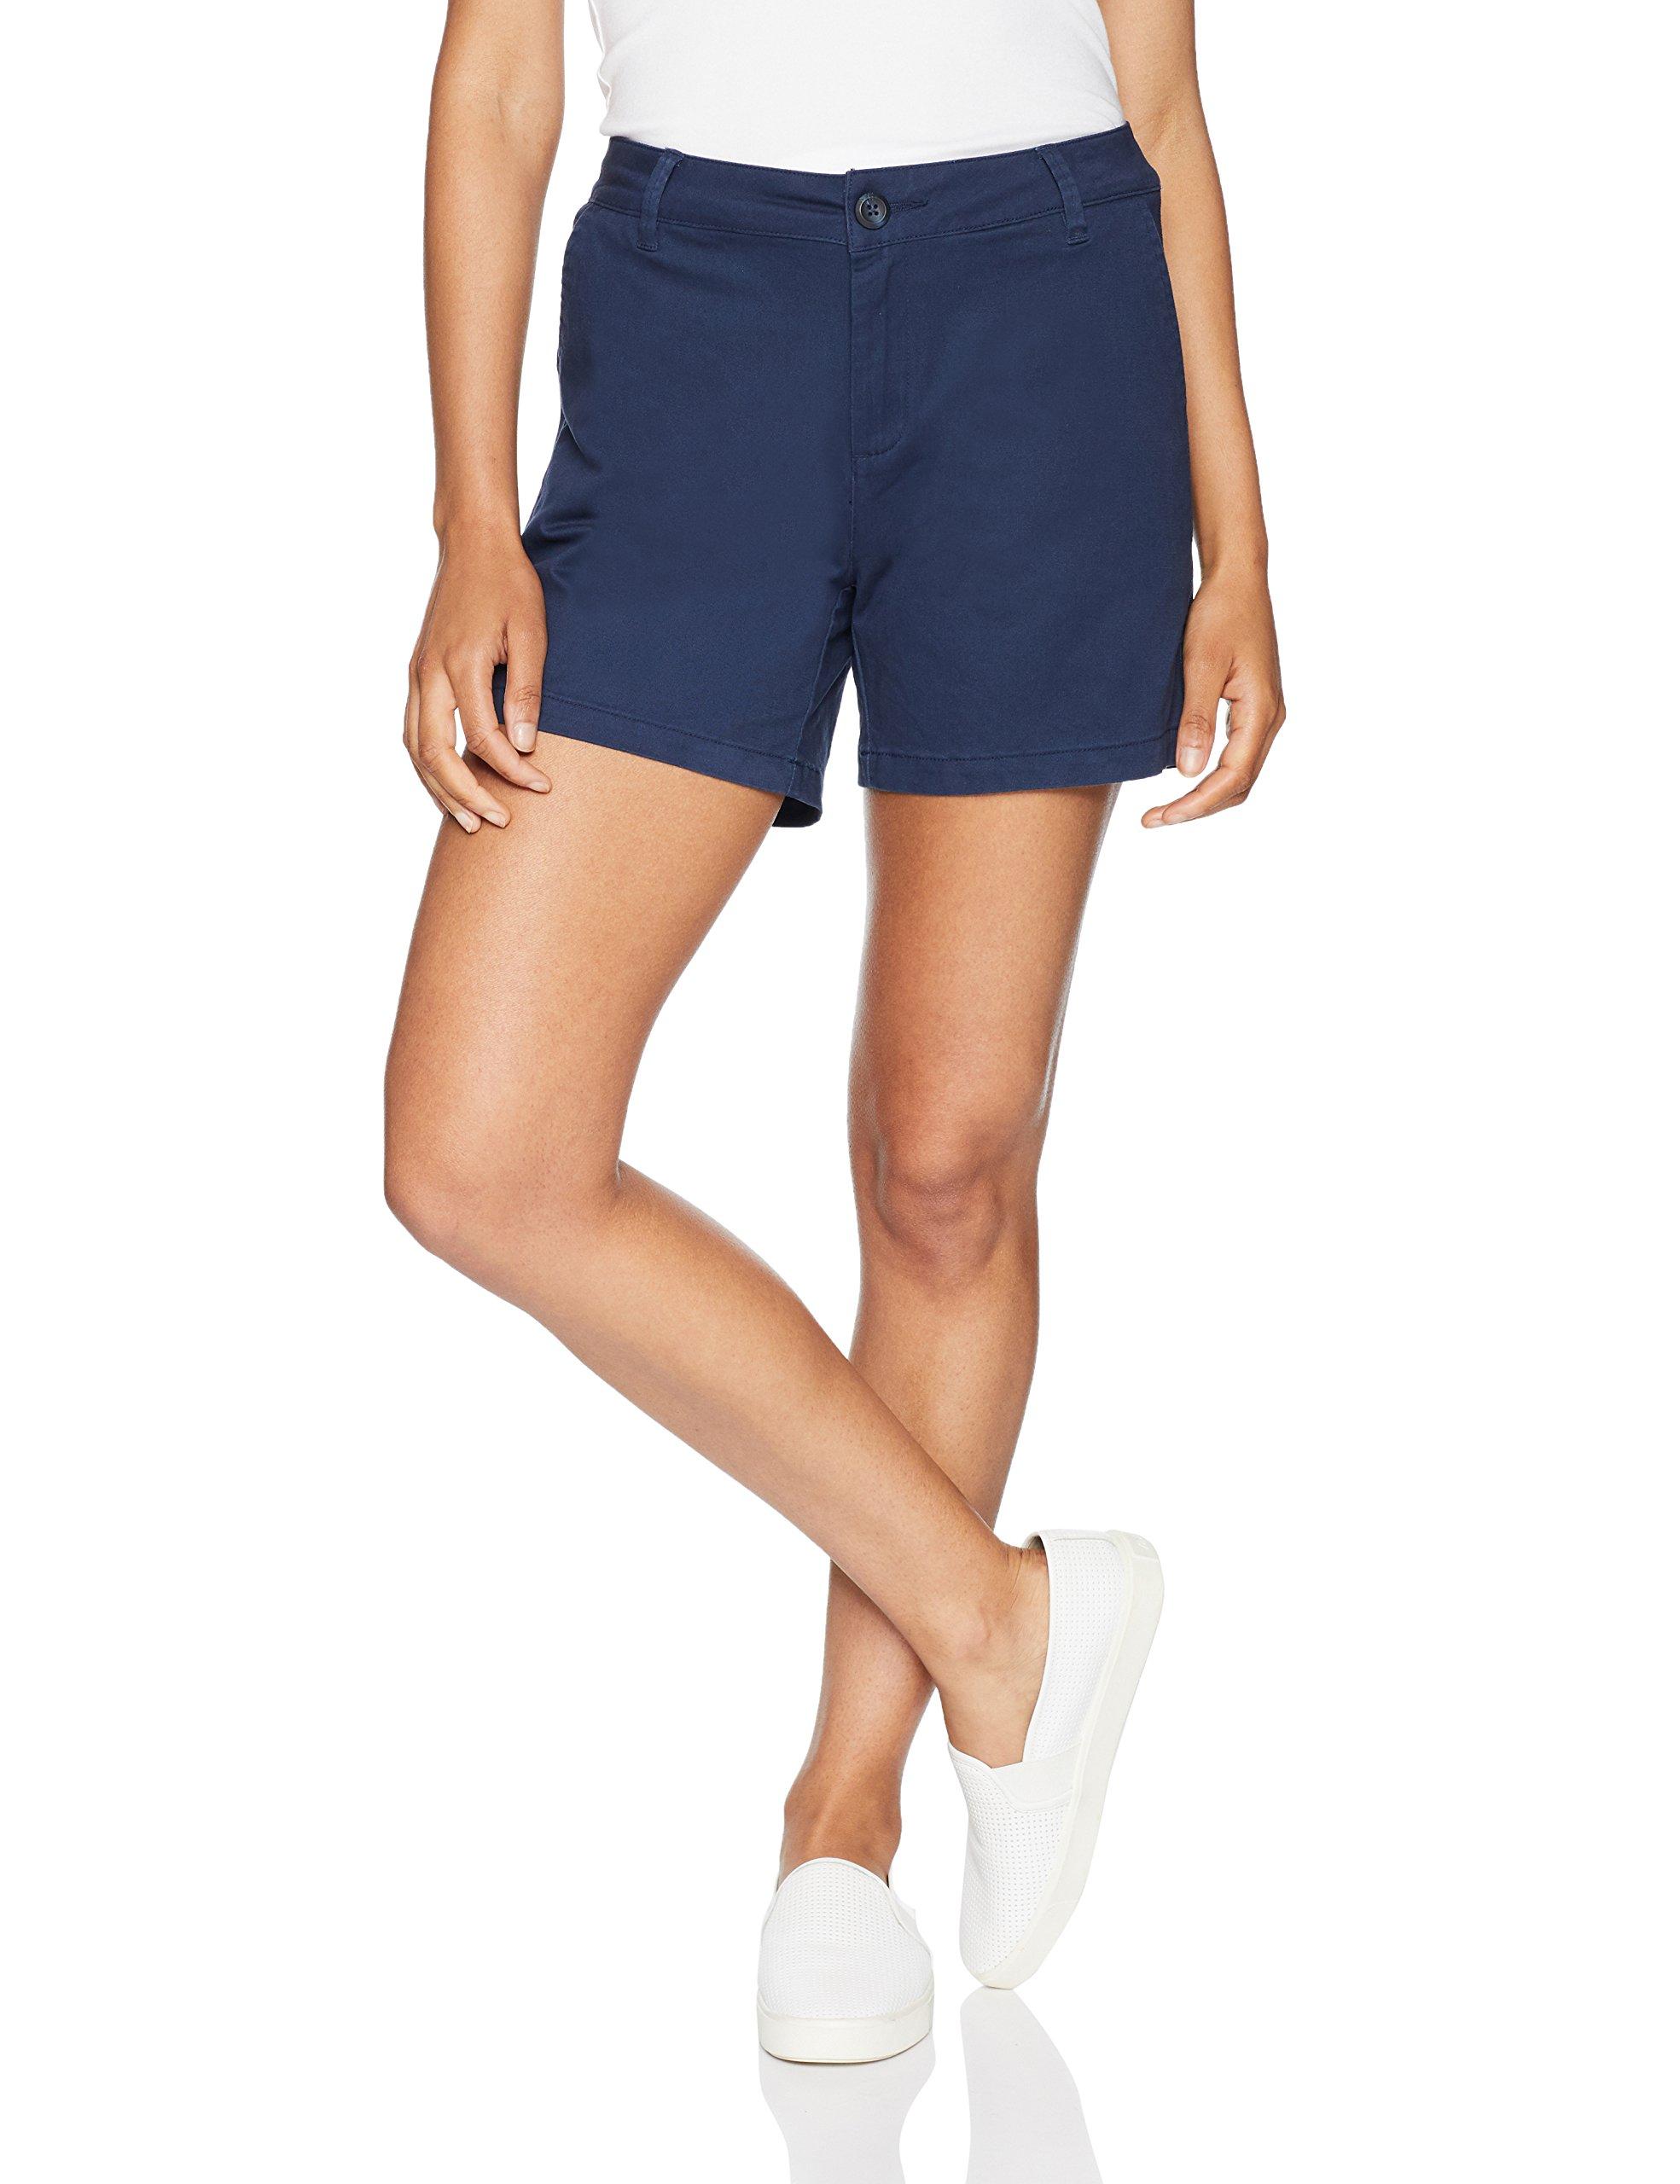 Amazon Essentials Women's 5'' Inseam Solid Chino Short Shorts, Navy, 14